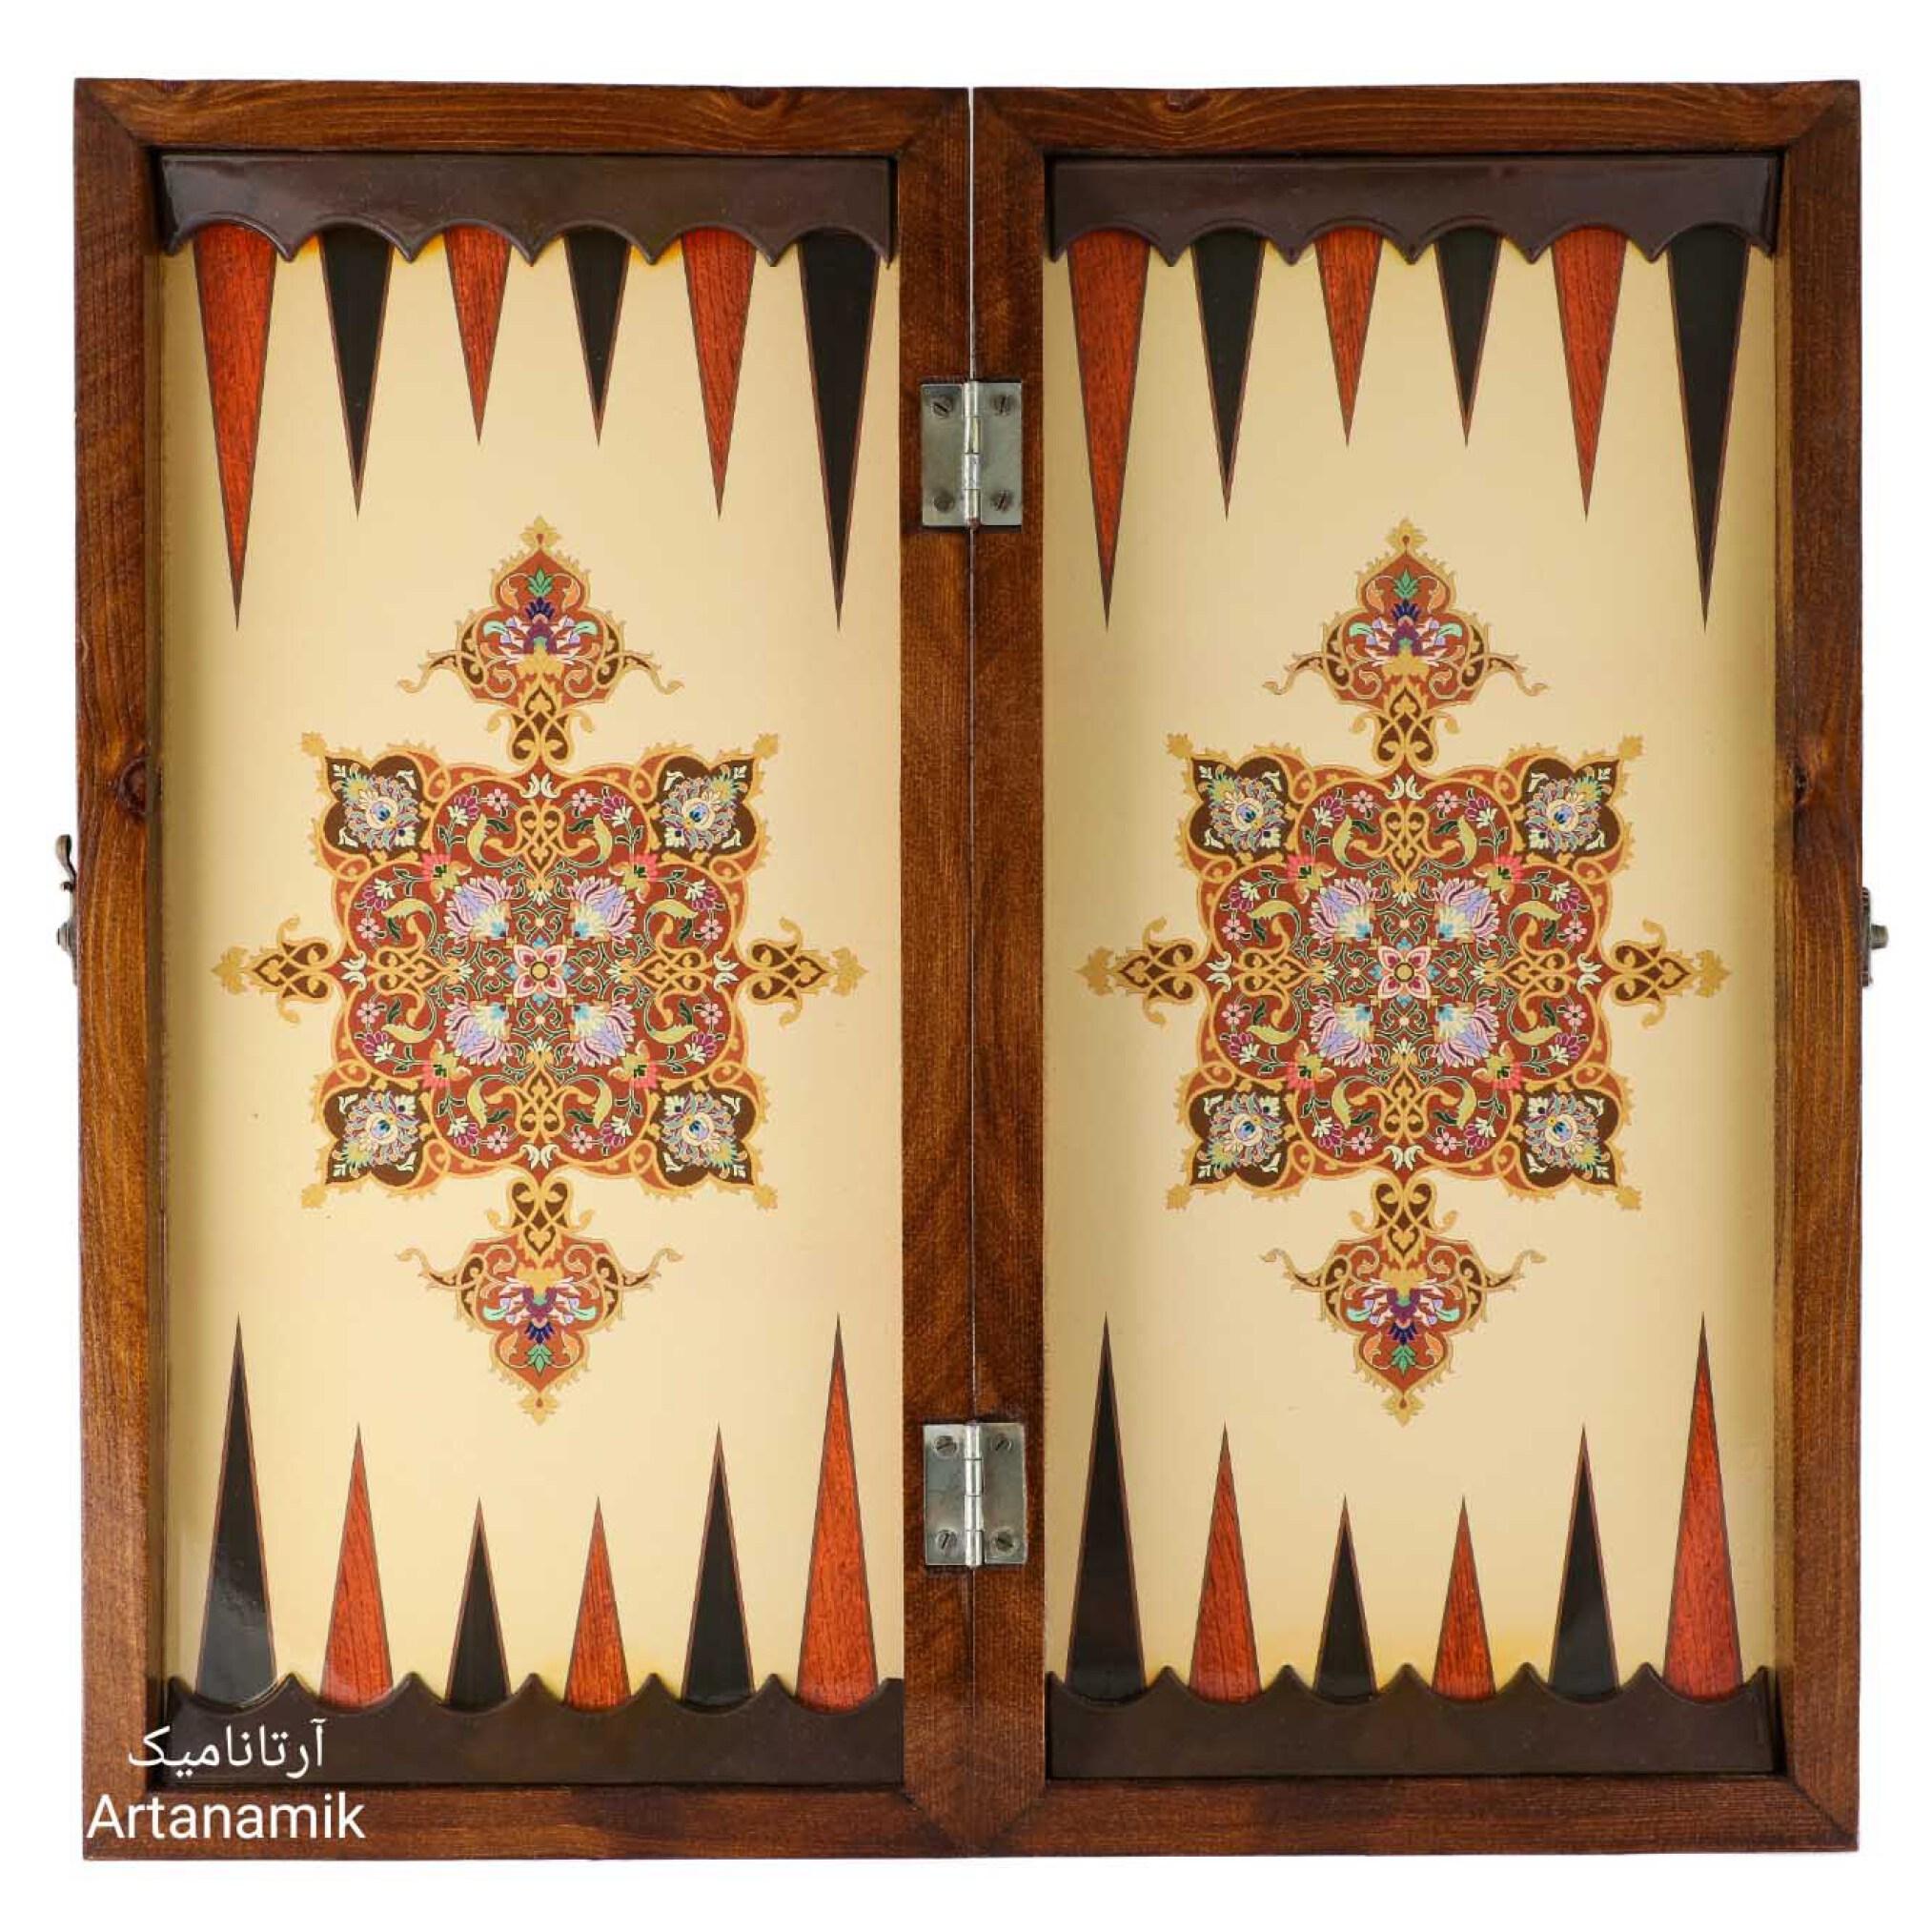 خرید تخته نرد و کادویی طرح فرش، تخته نرد کادویی و تخته نرد نفیس از جنس چوب روس